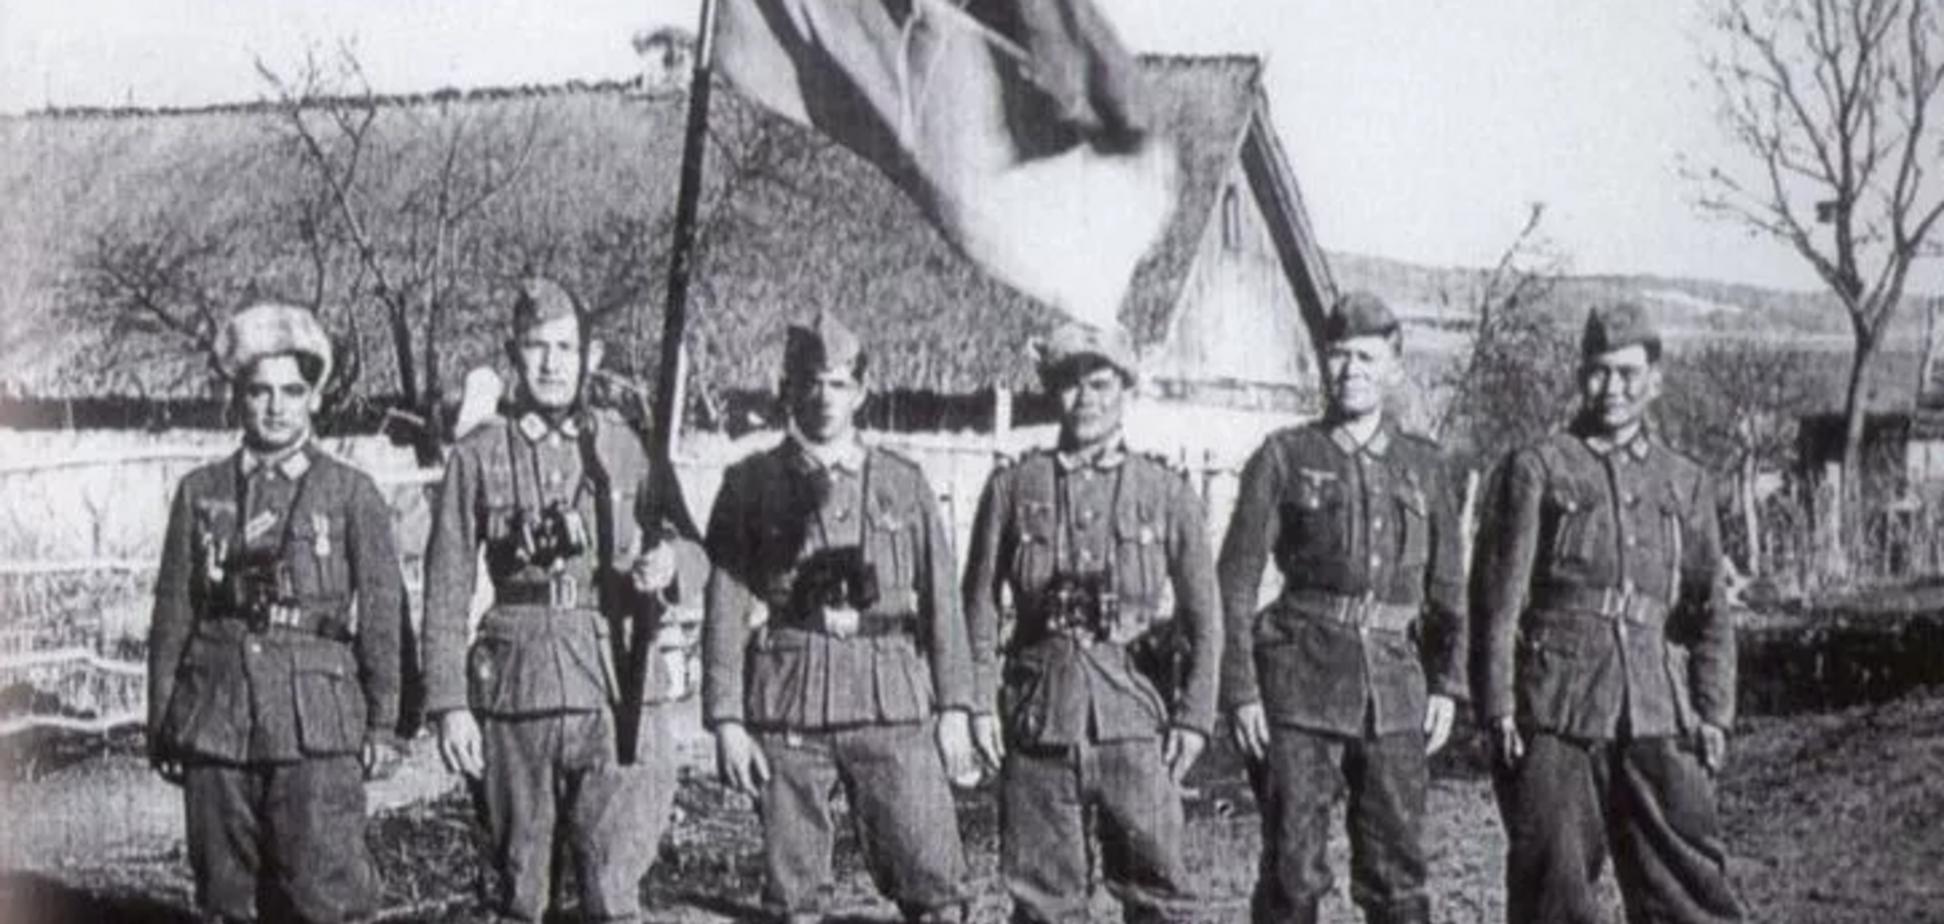 Кровавый след 29-й гренадерской (1-ой русской) дивизии СС